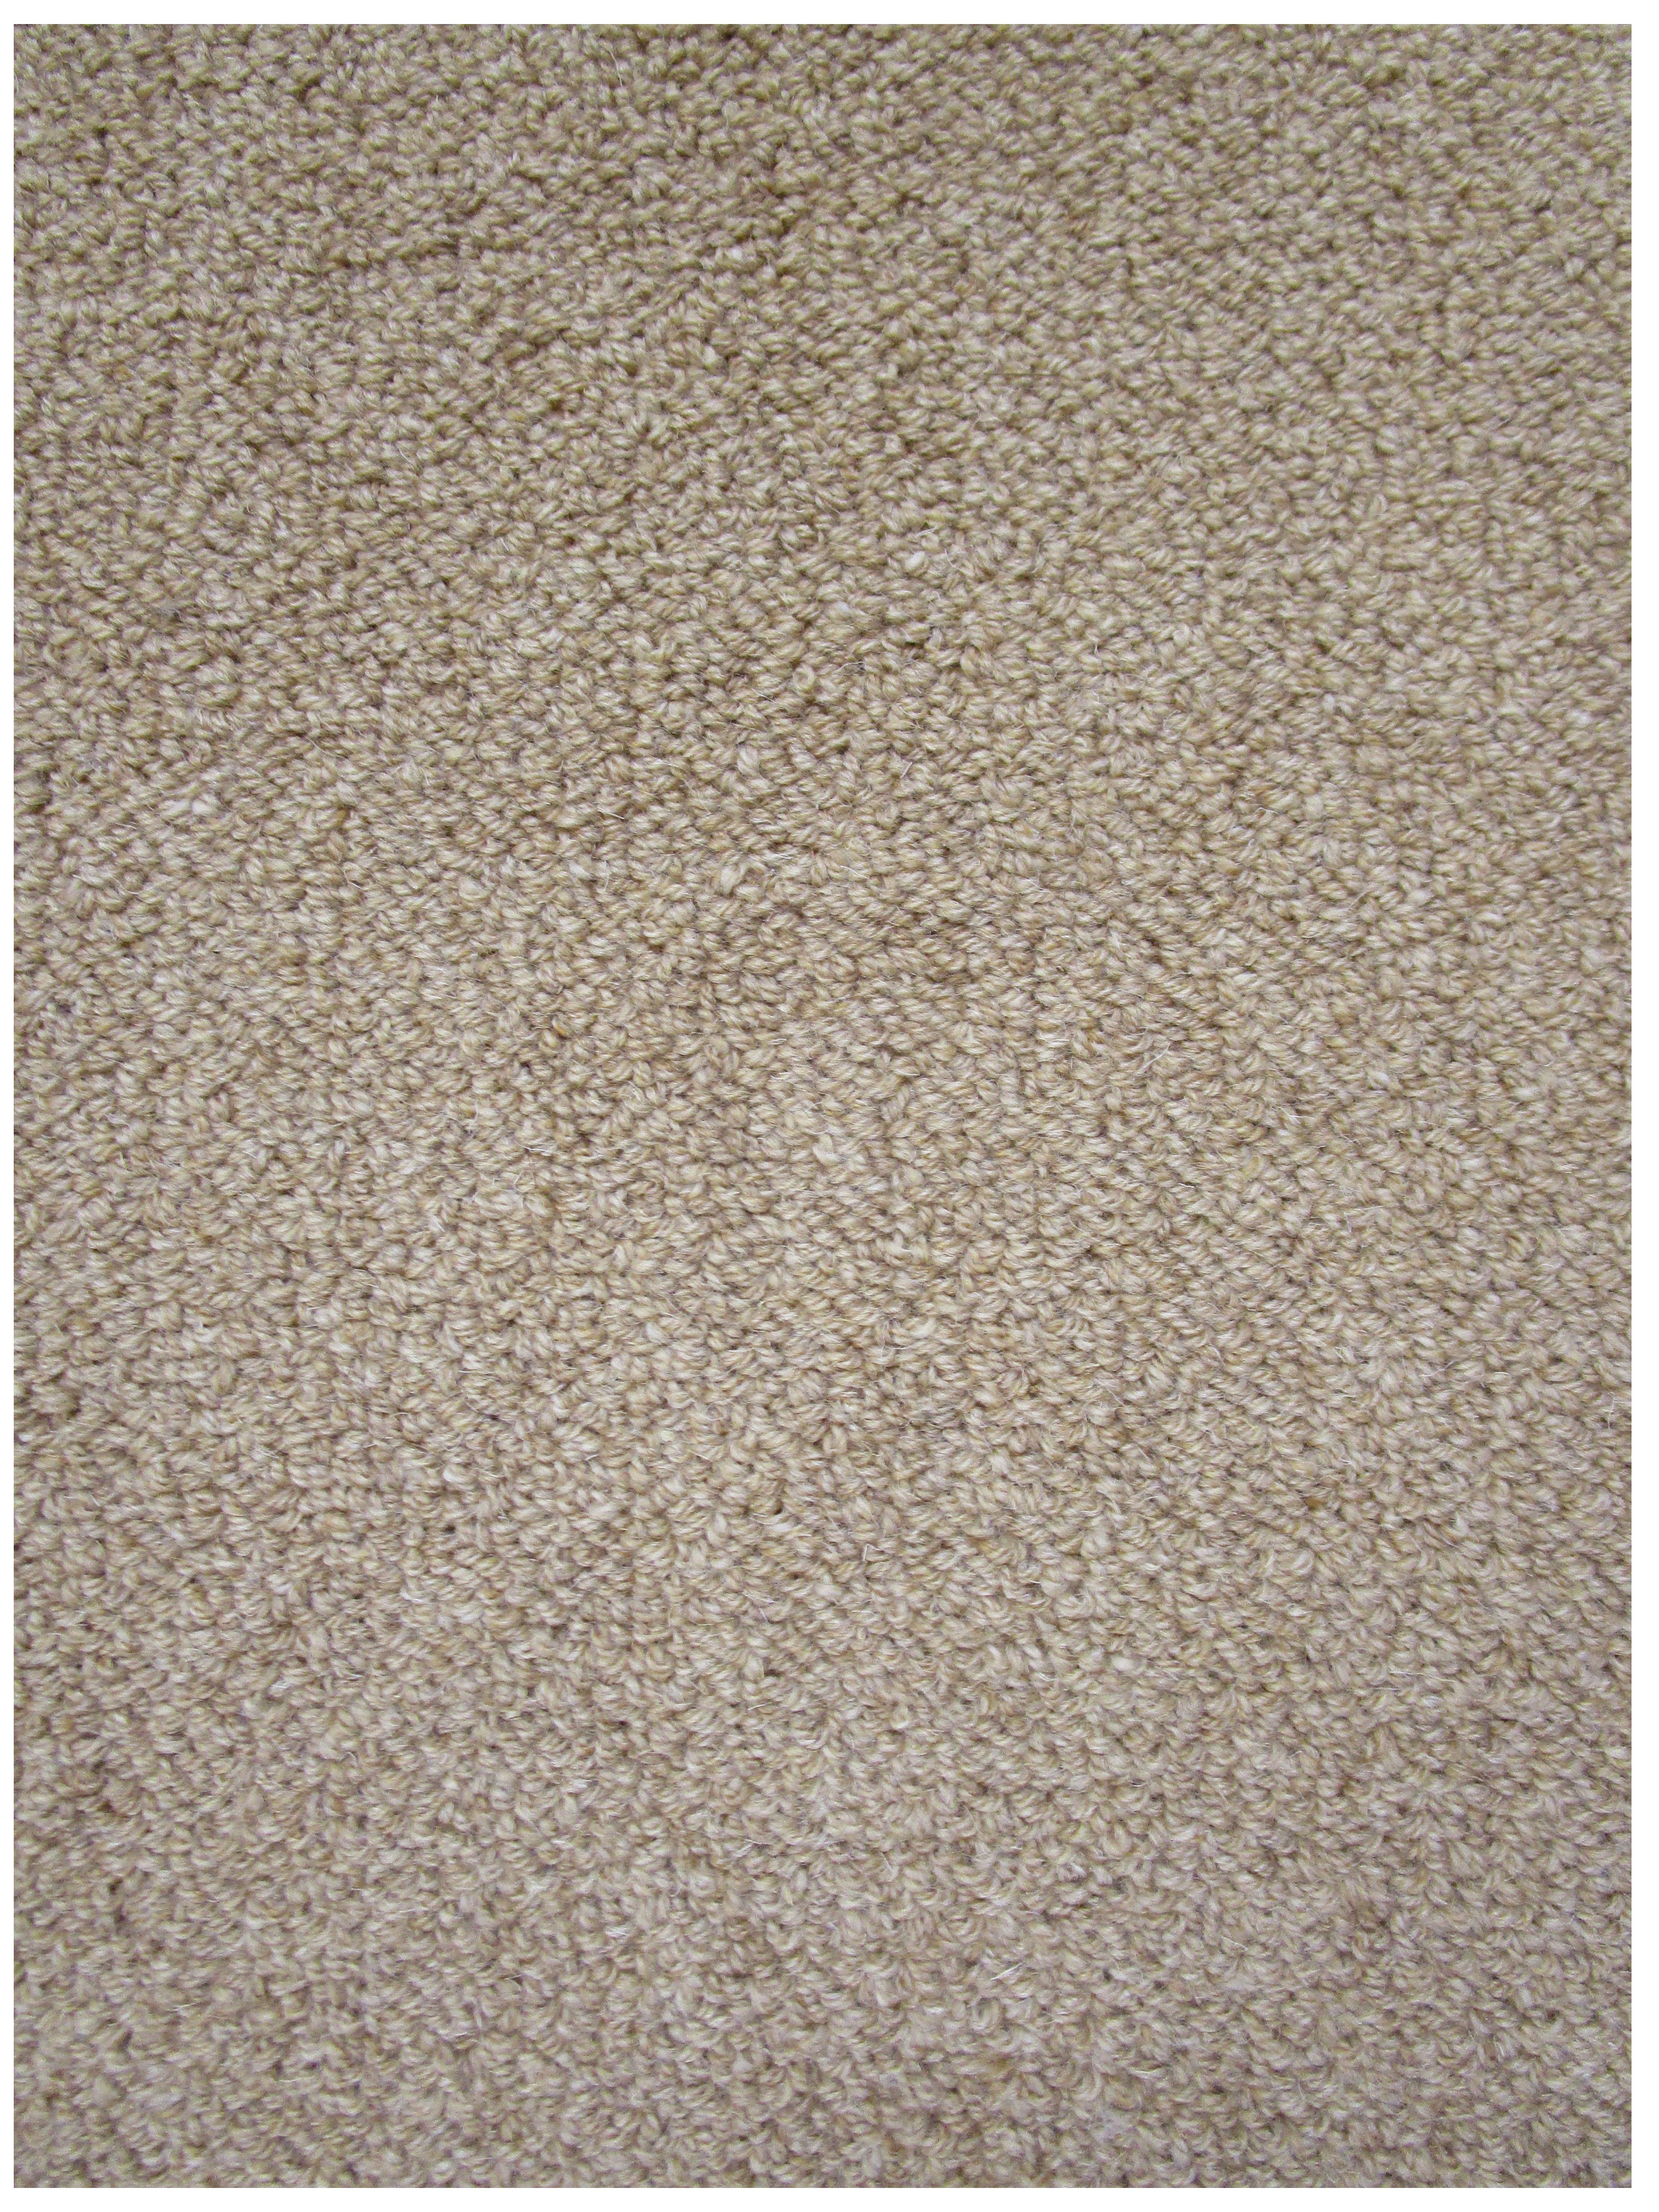 Z2 Linen Beige Eco Friendly Loop Pile Wool Rug / Carpet